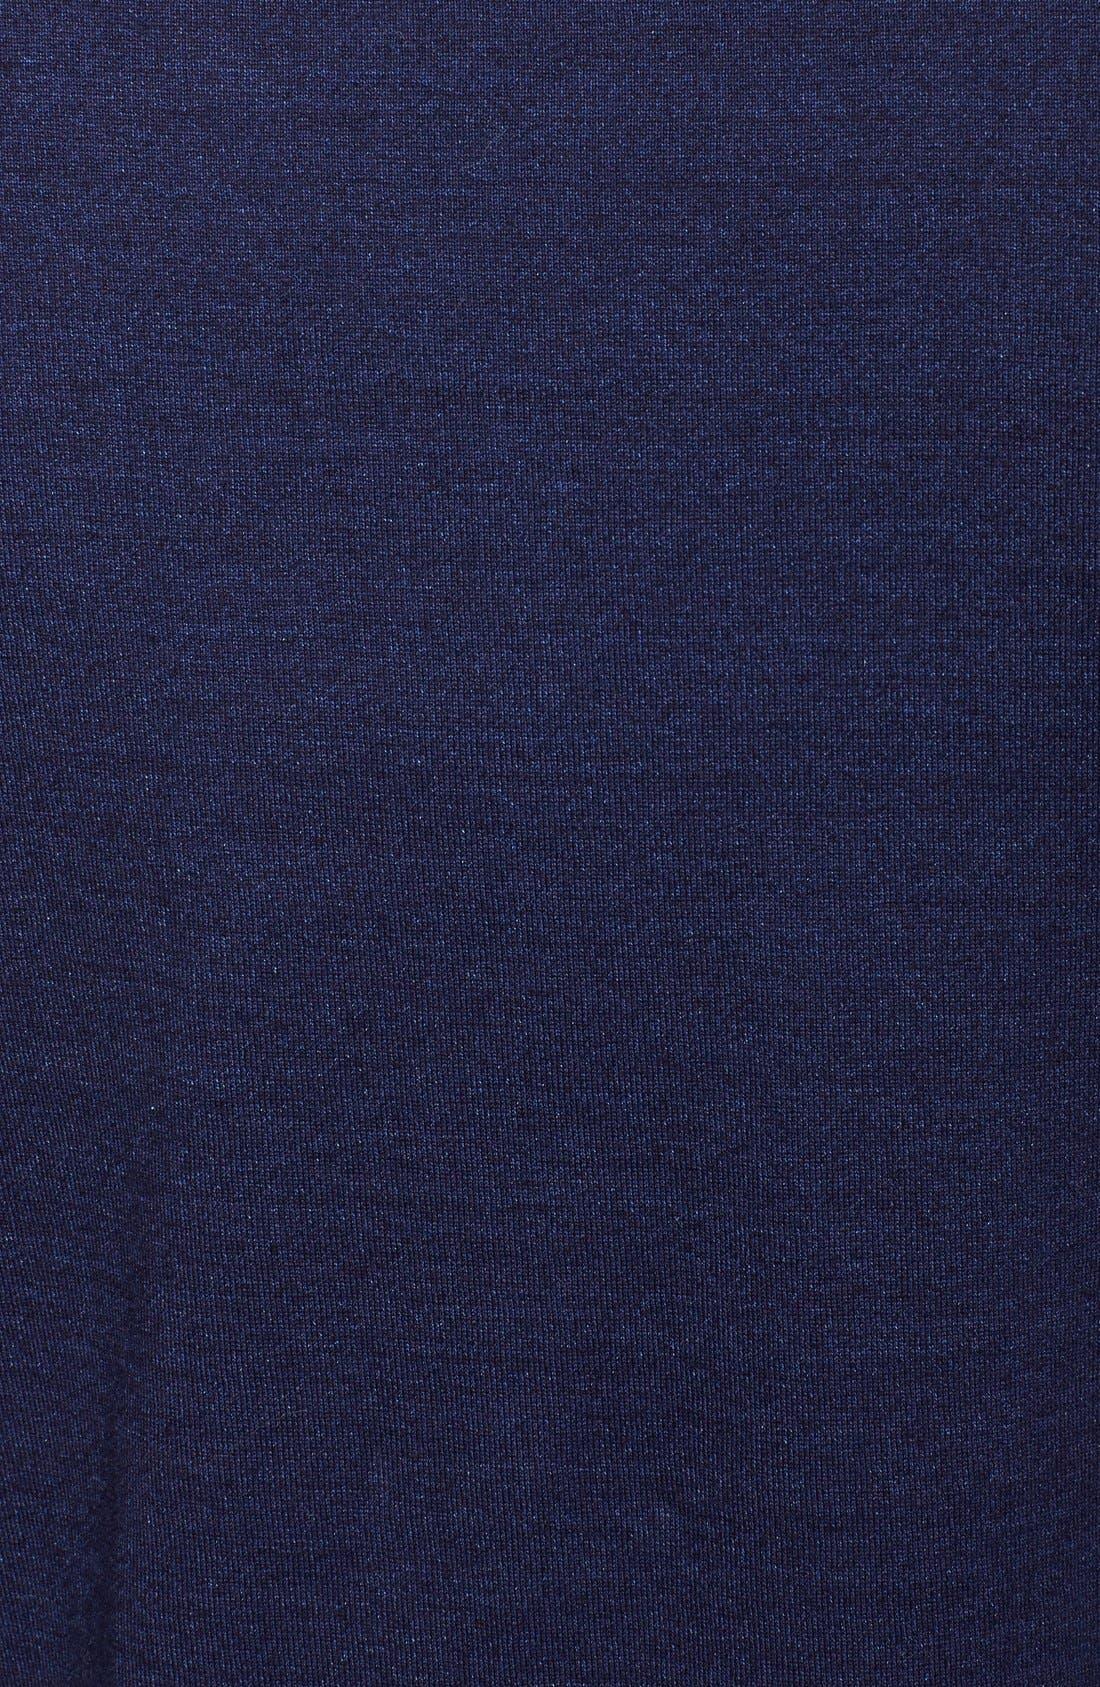 Alternate Image 3  - Todd Snyder Pocket V-Neck T-Shirt